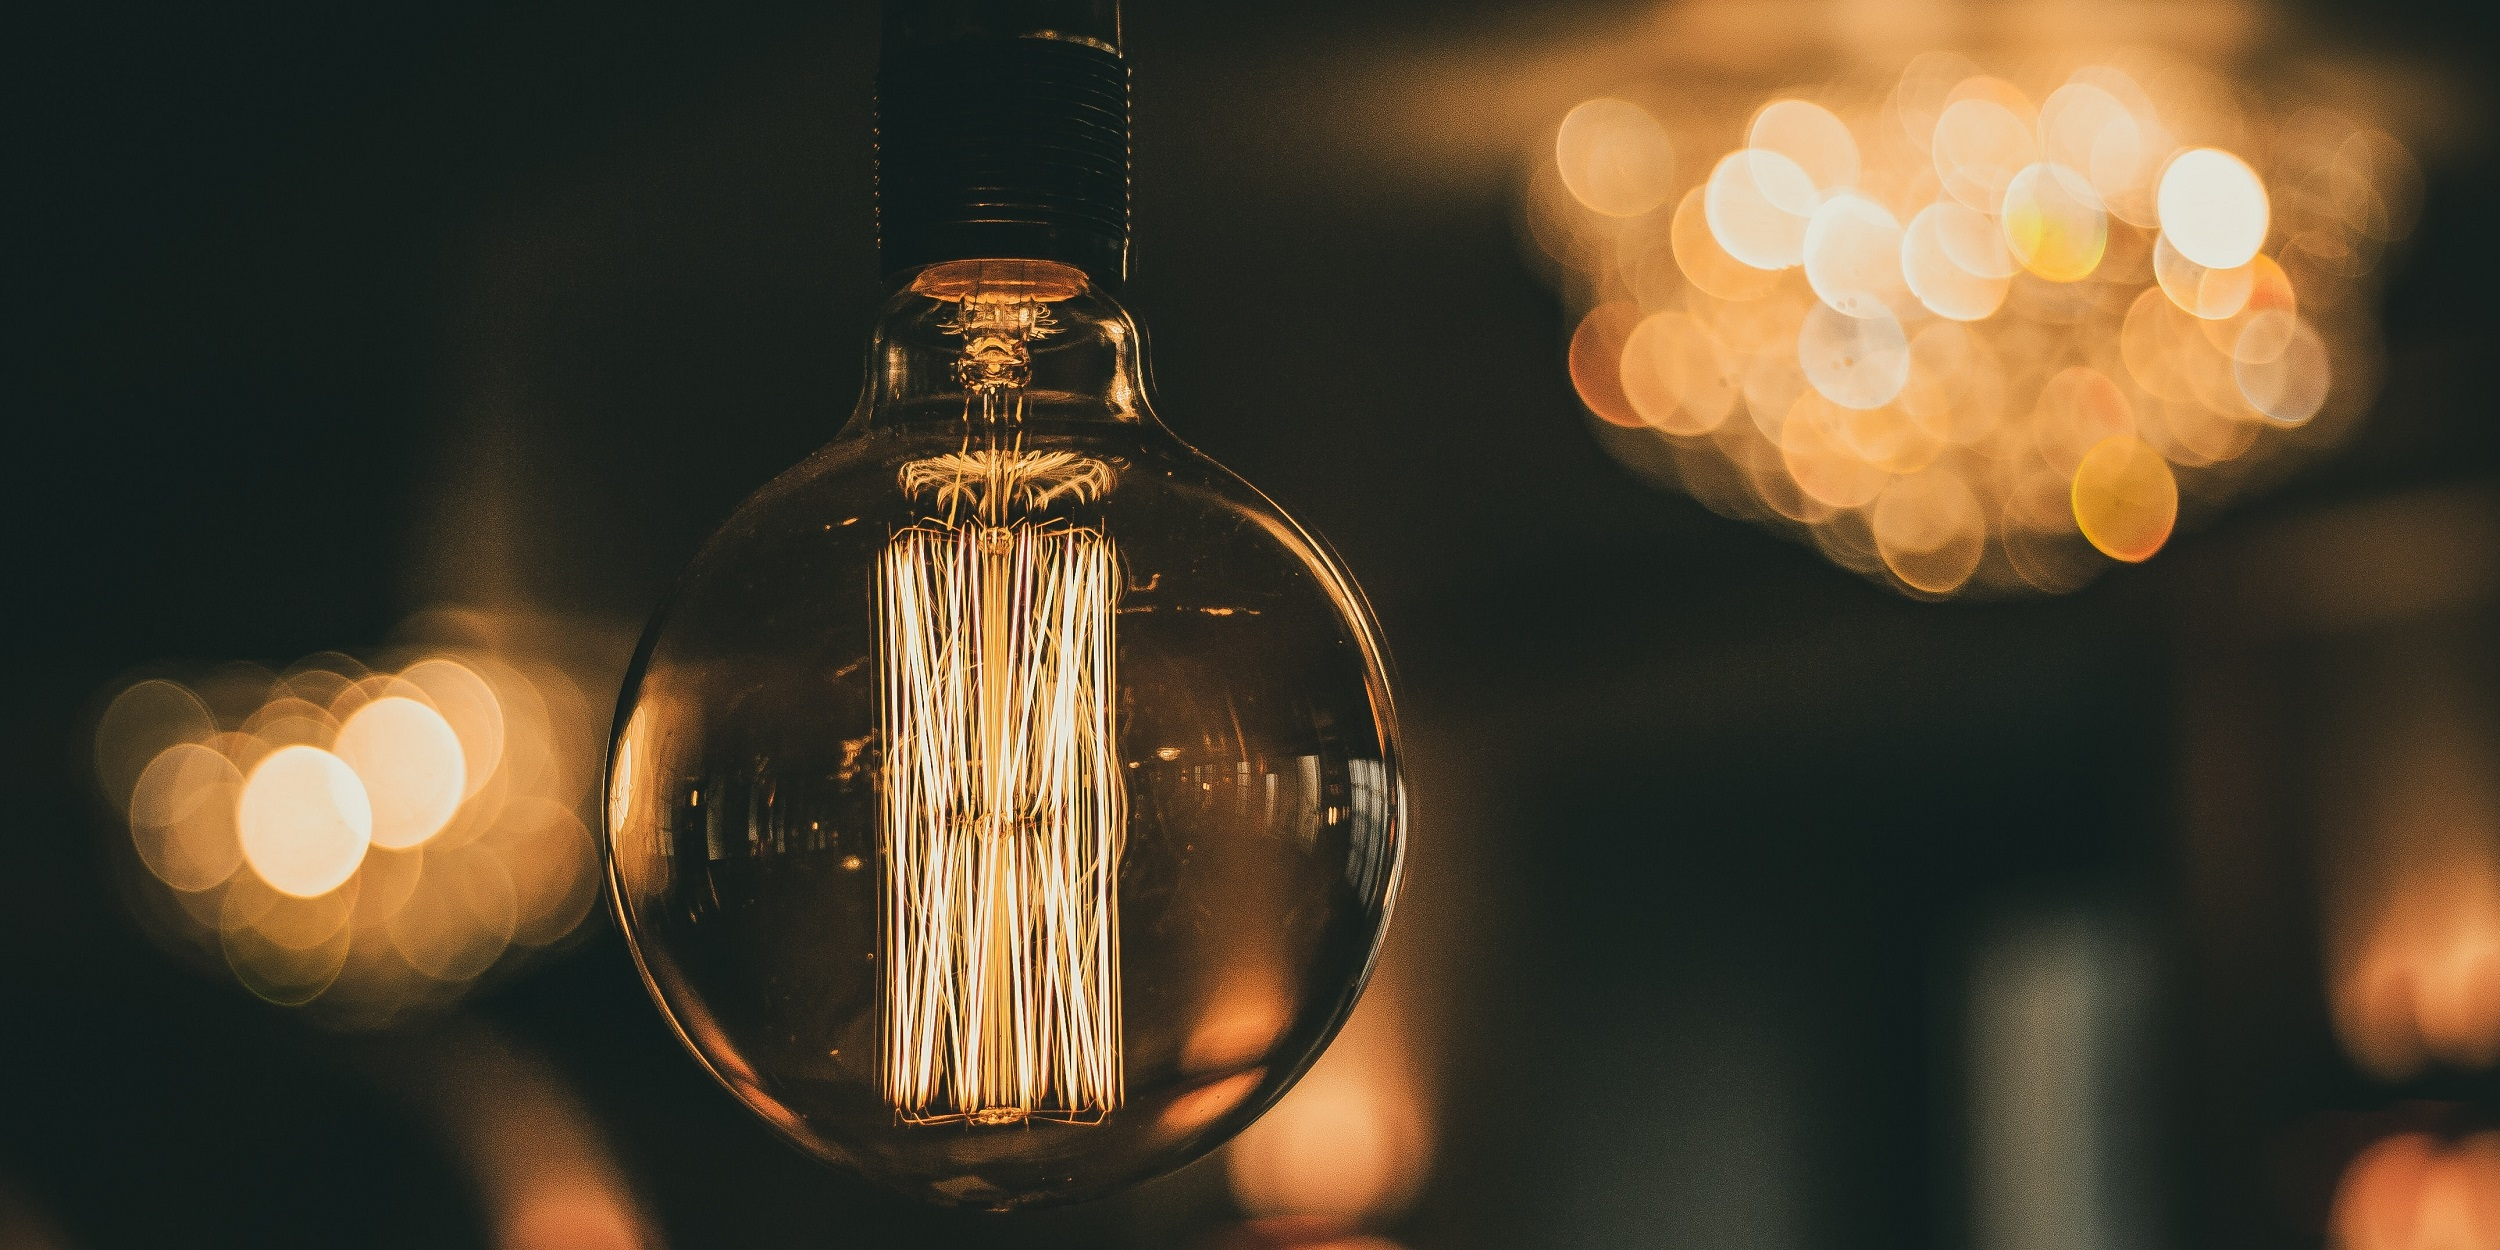 filament-eco-bulb